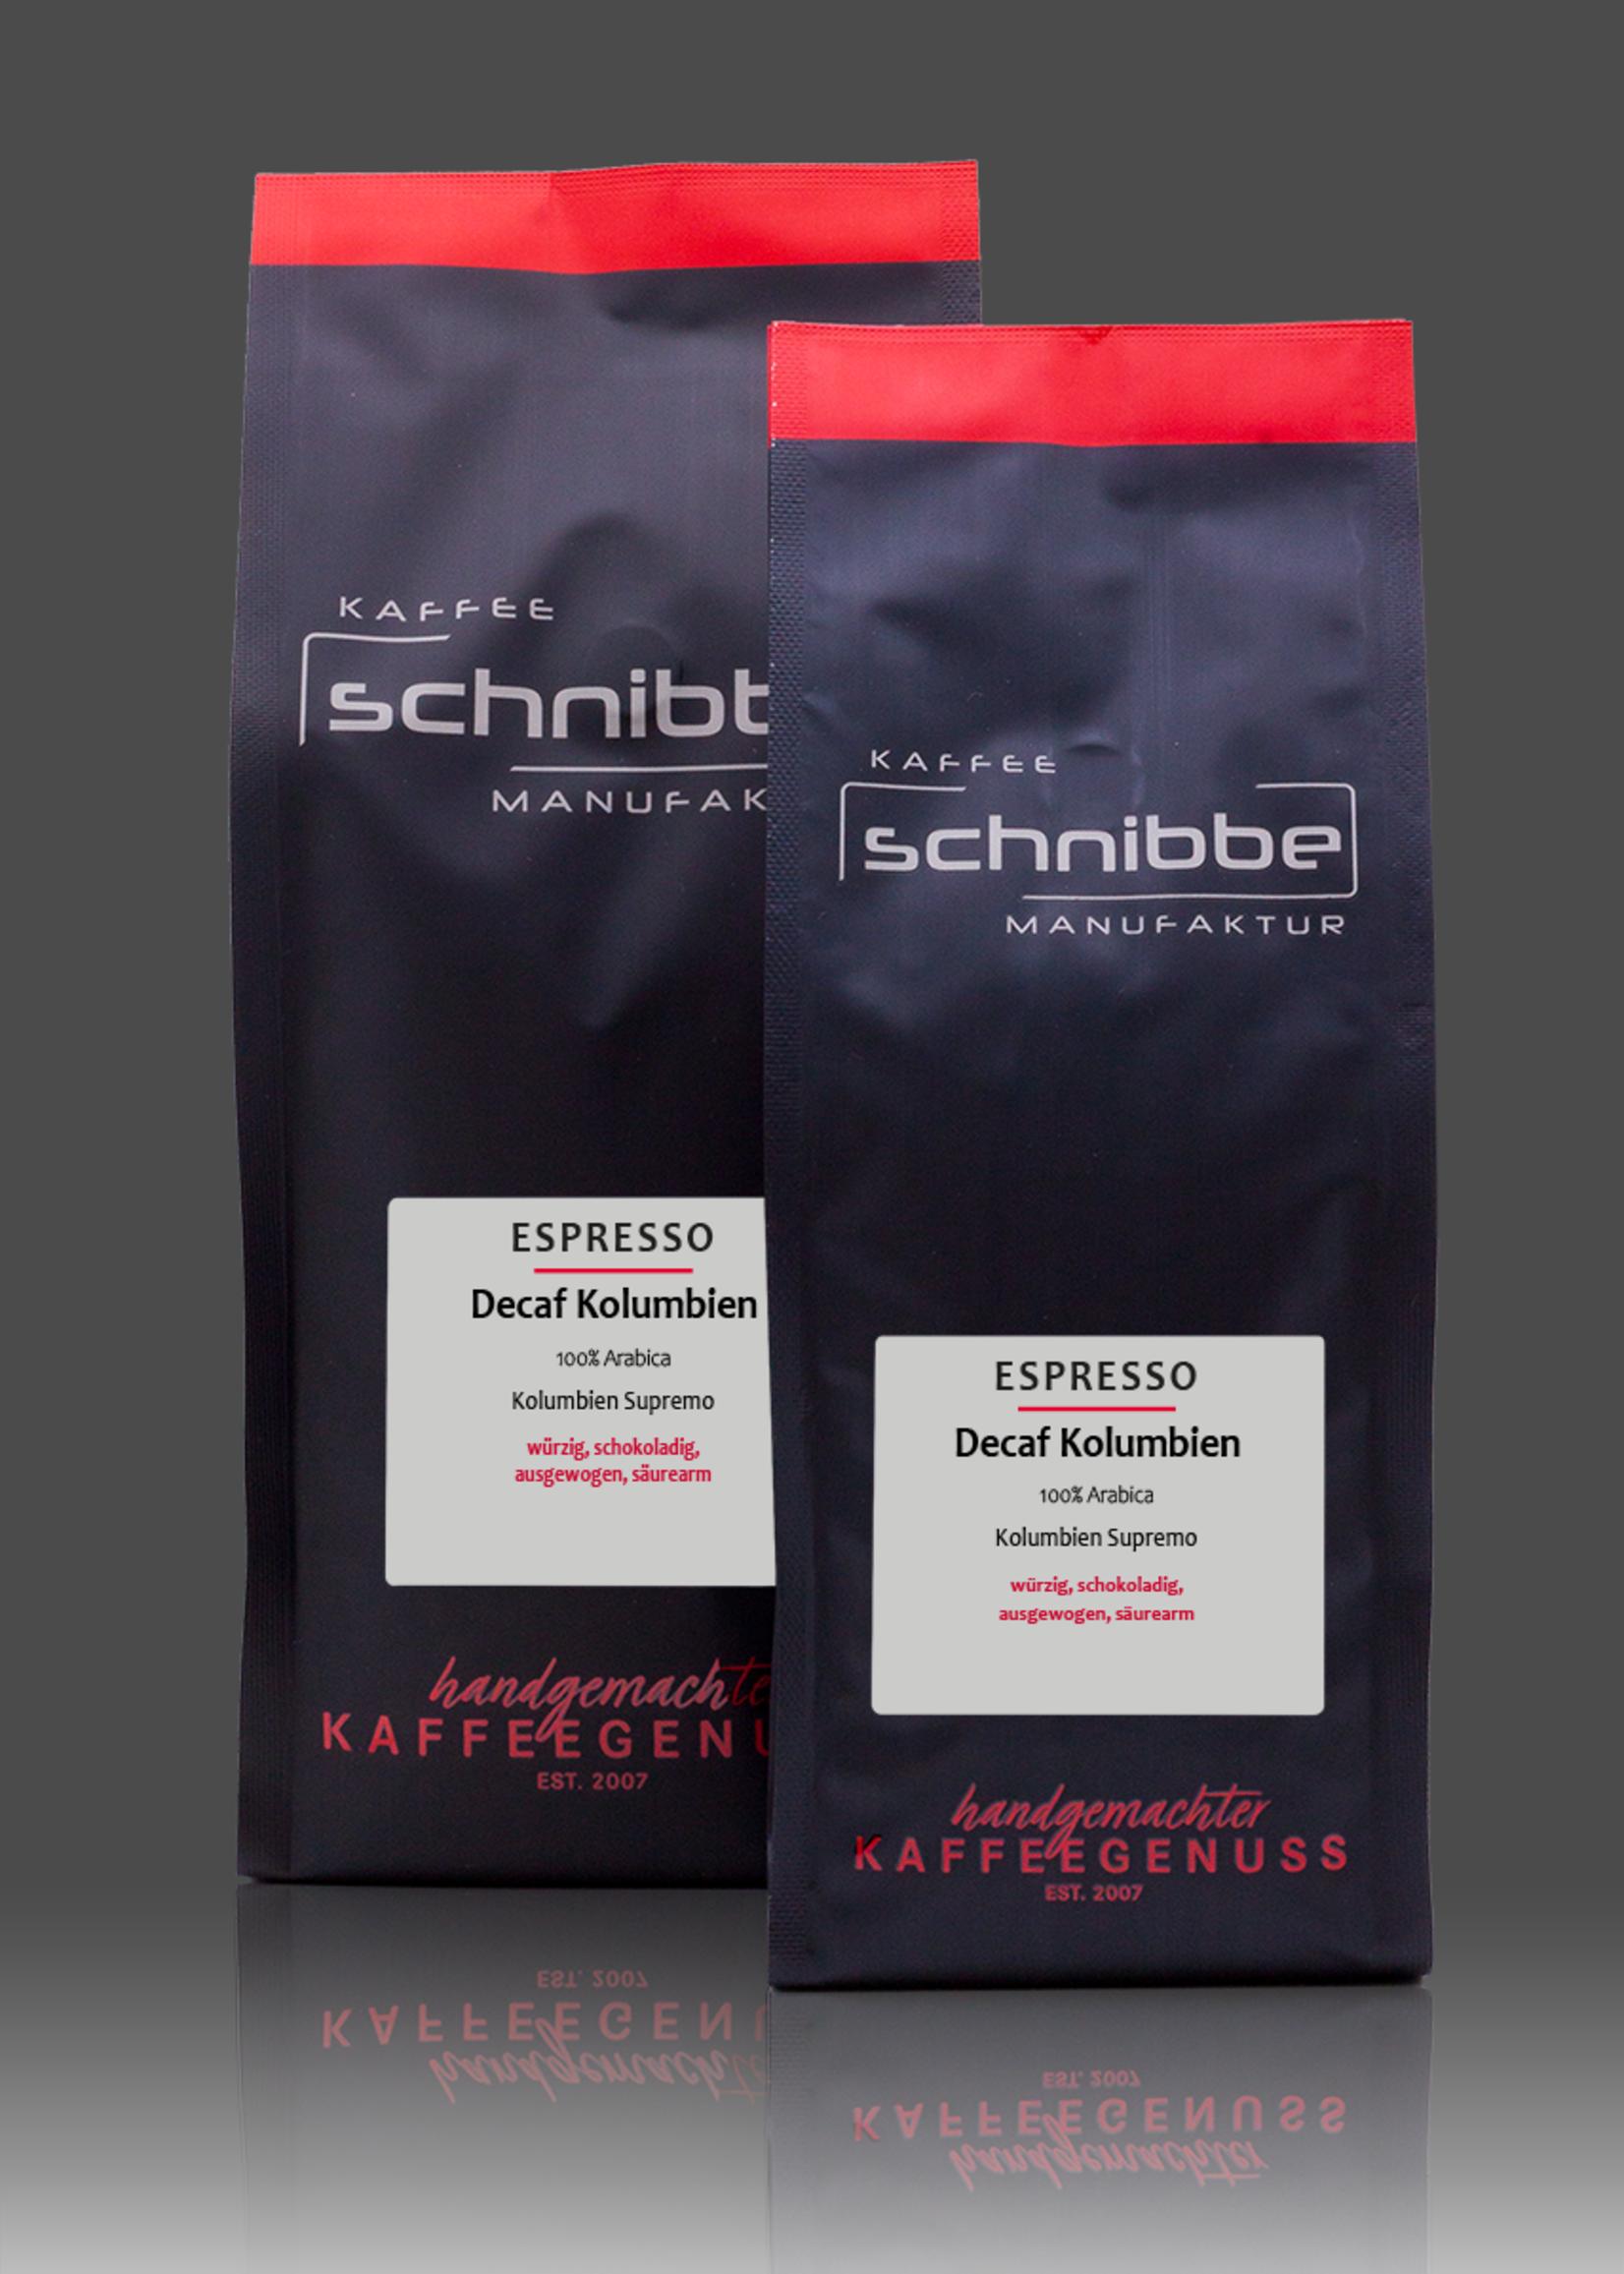 Decaffeinated espresso Colombia Supremo